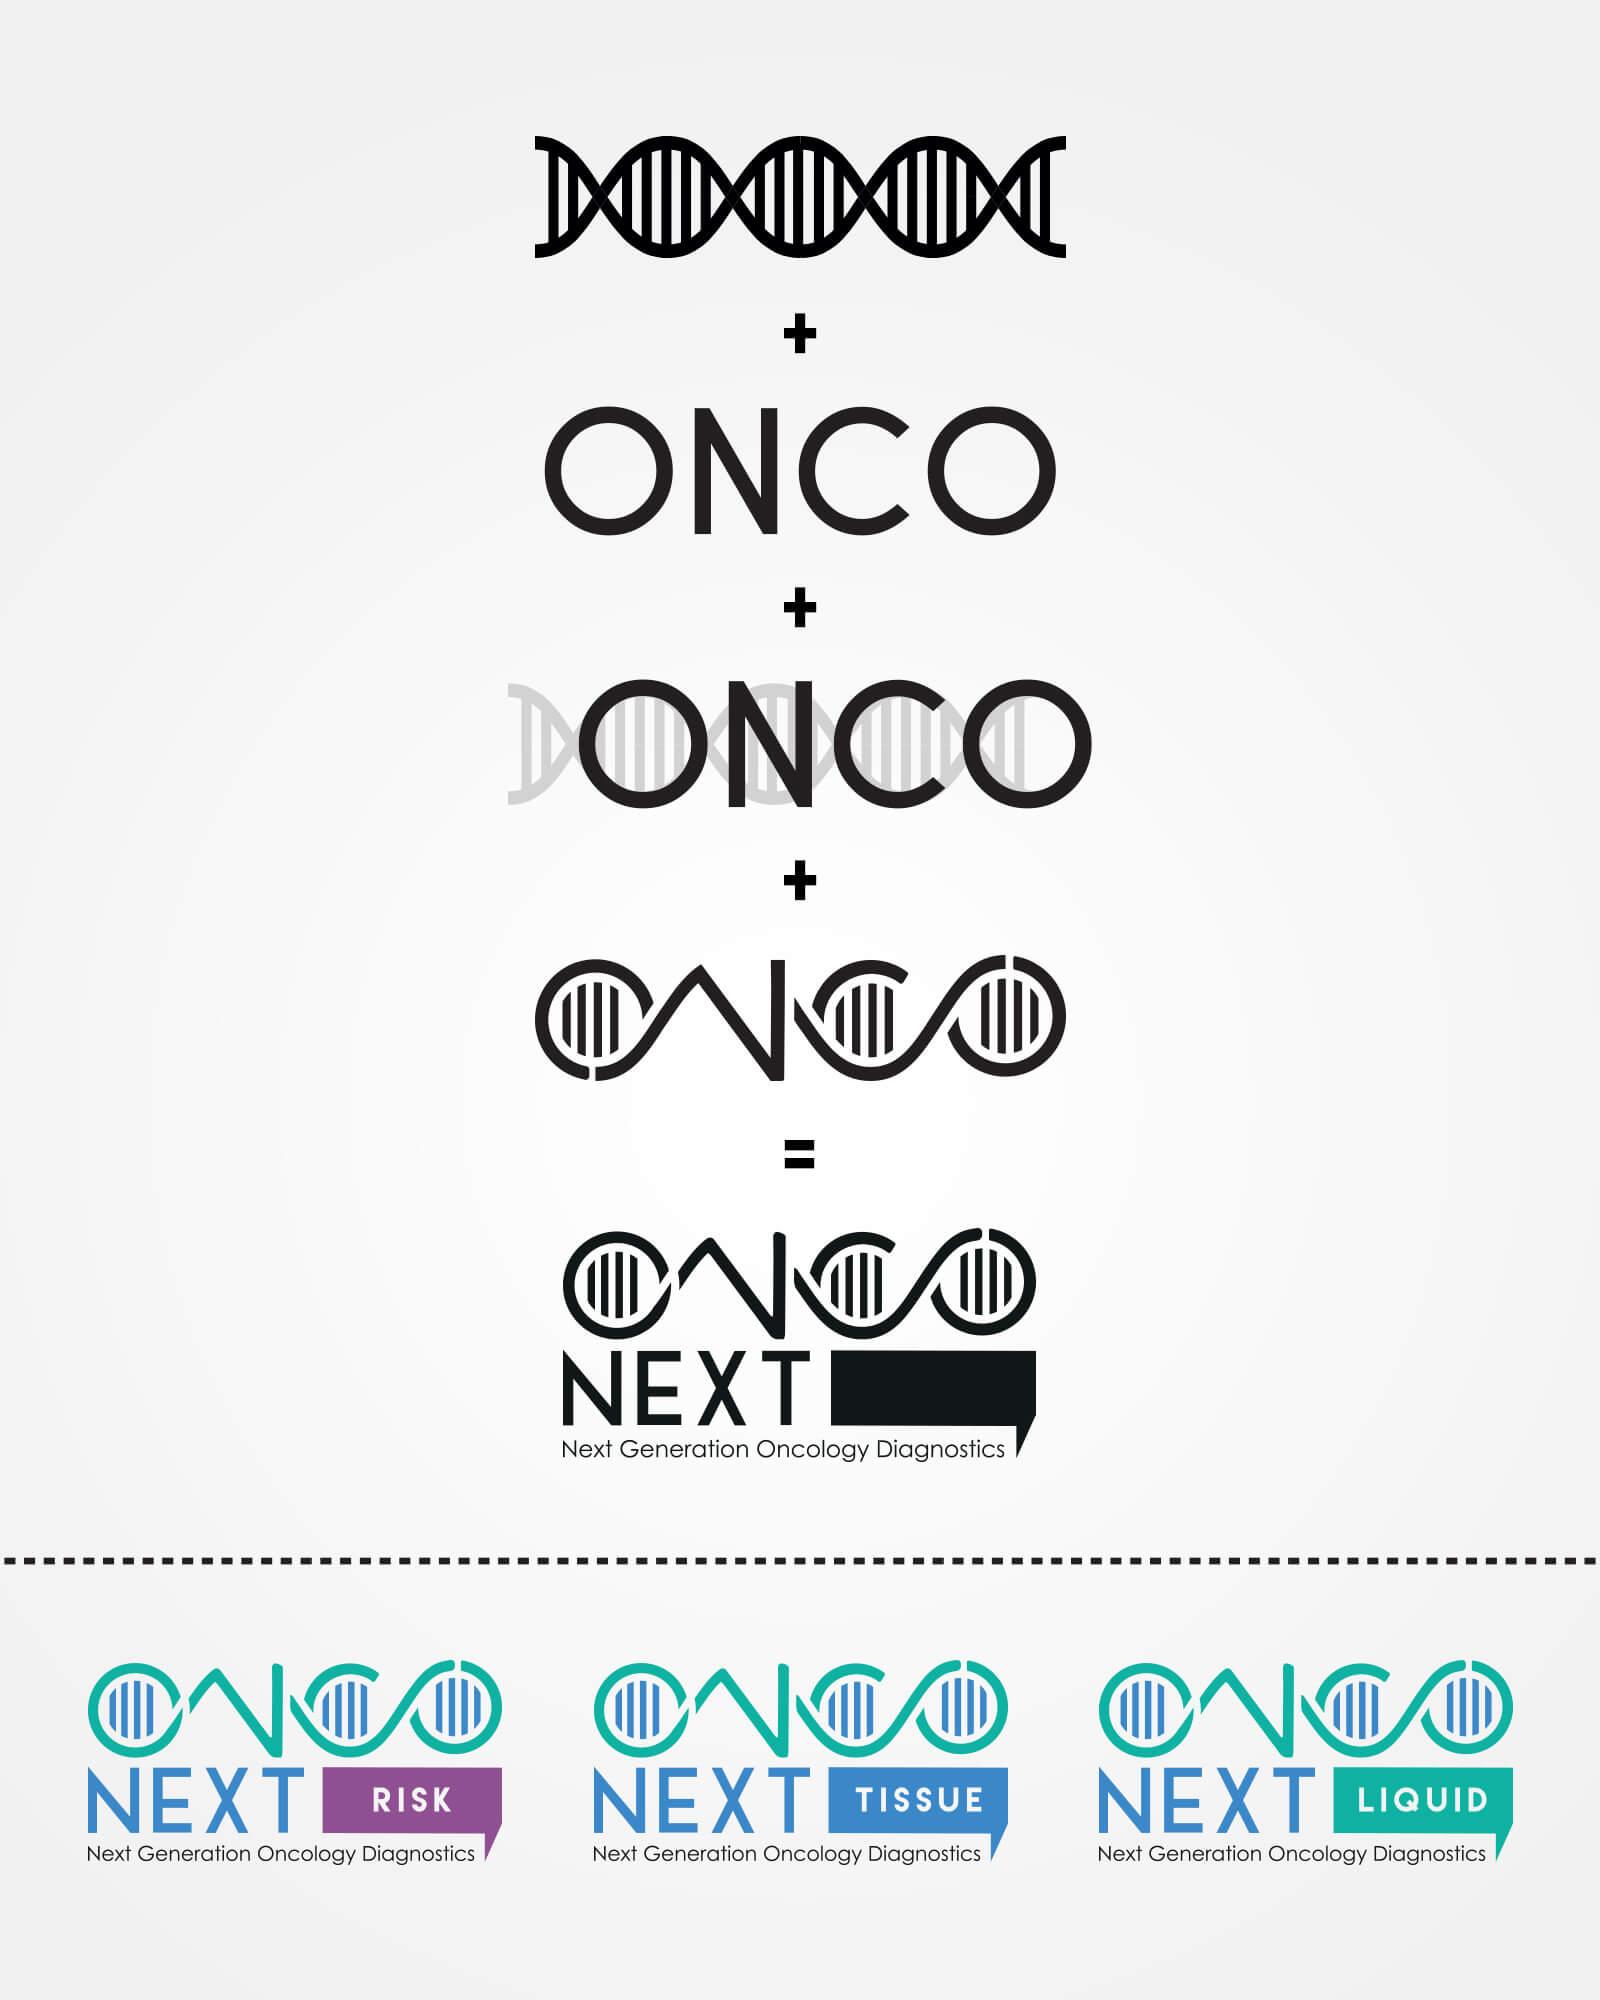 OncoNext